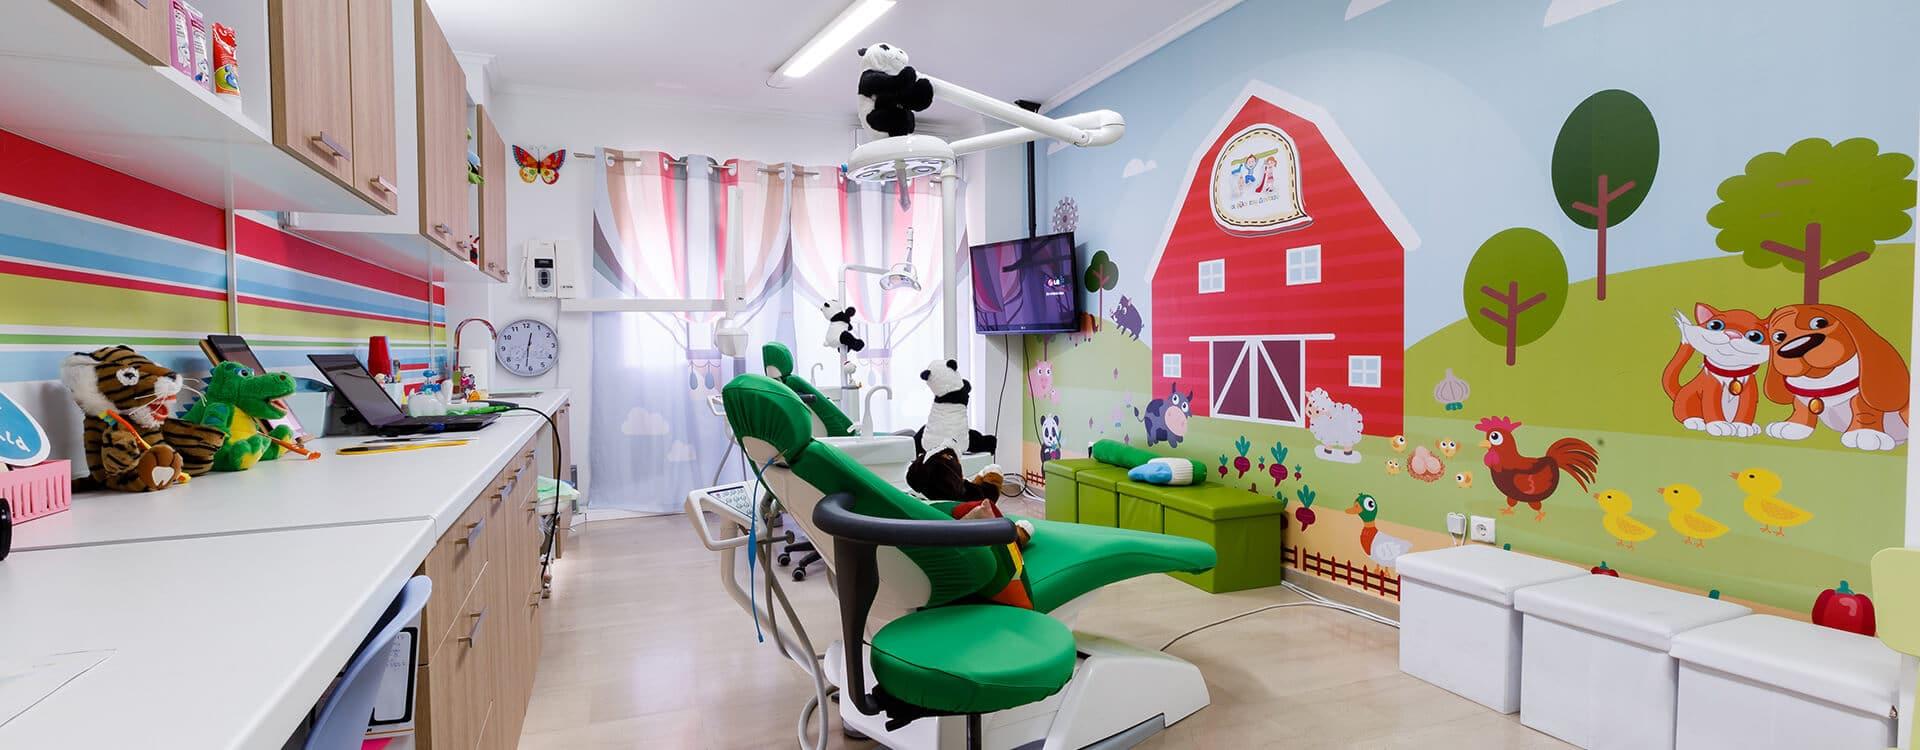 ιατρείο παιδοδοντιατρείο κλινική